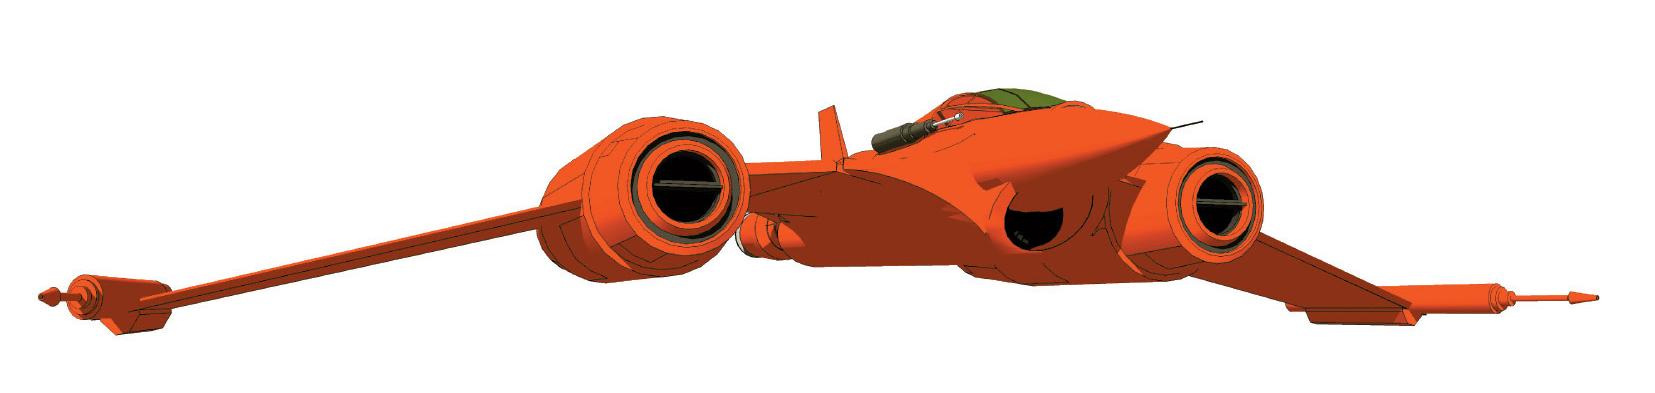 Звёздный истребитель типа «Охотник»